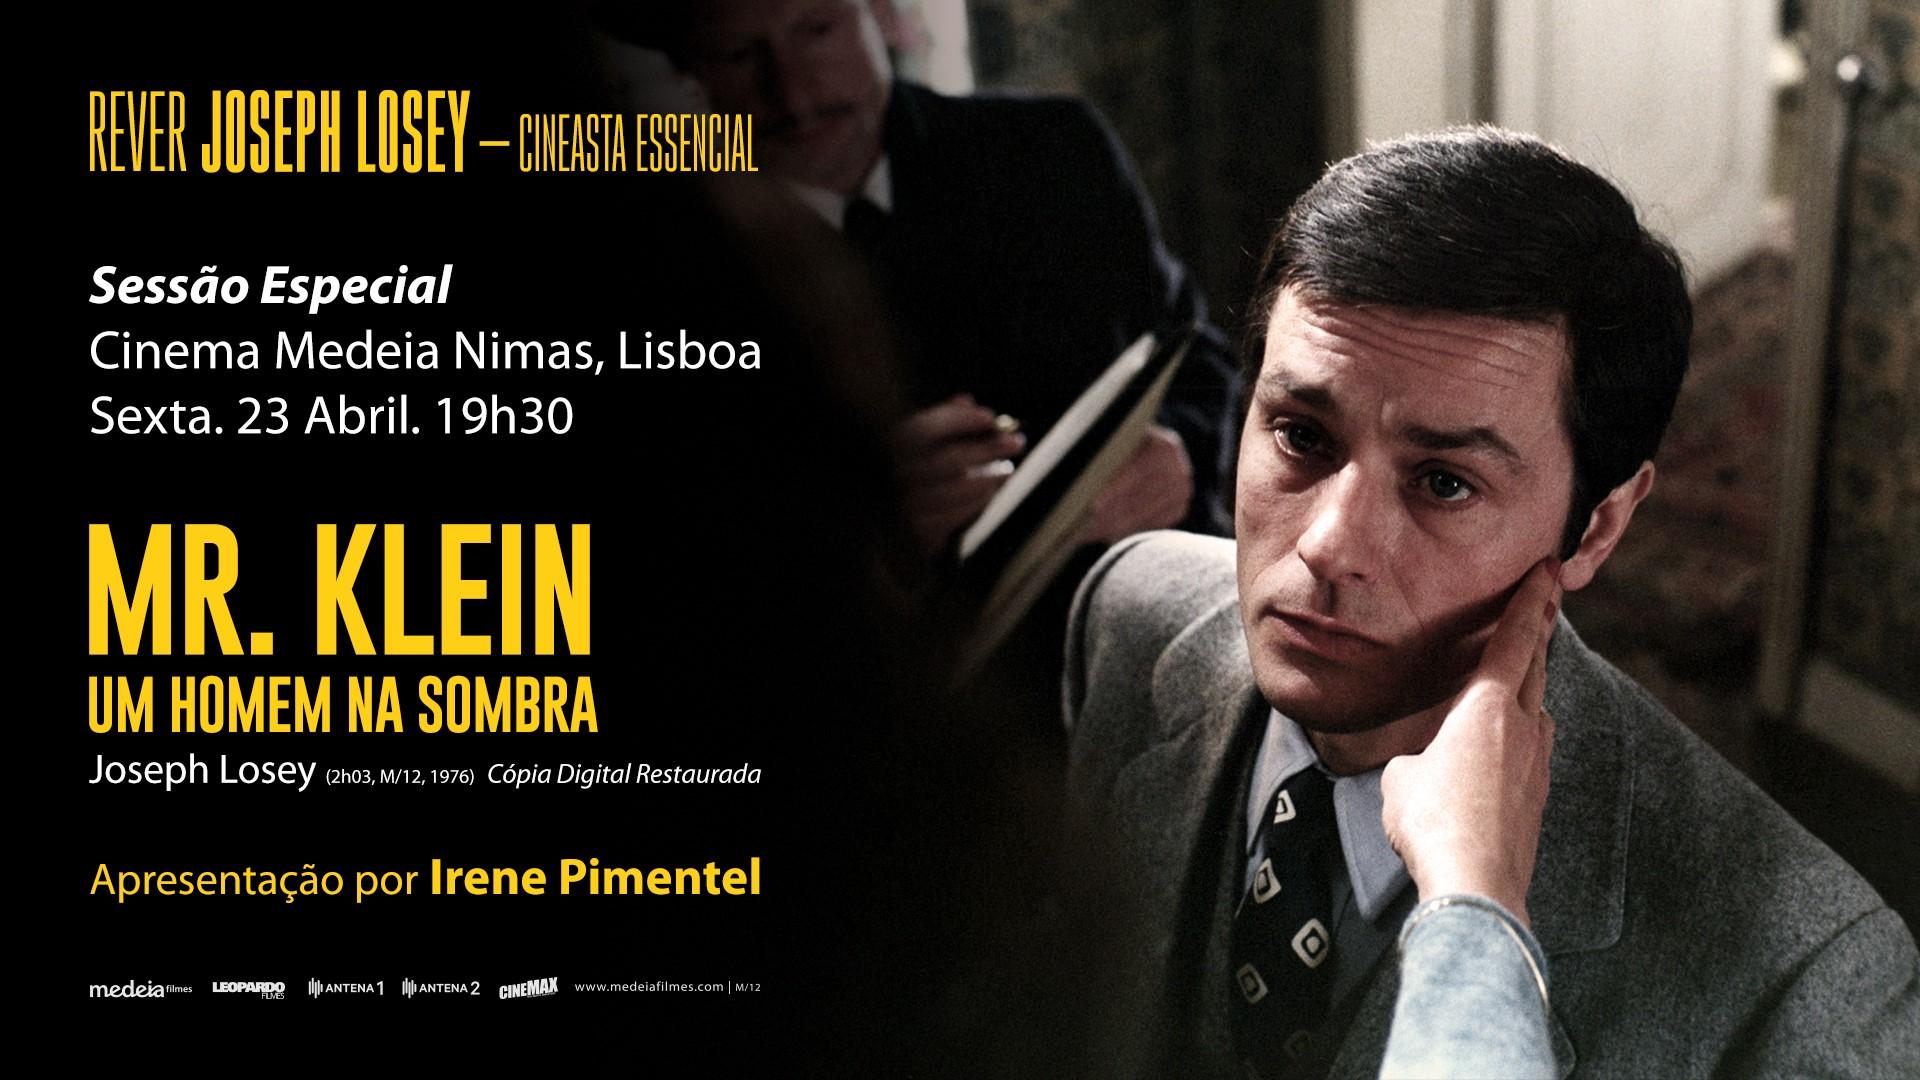 Sessão Especial: MR. KLEIN - UM HOMEM NA SOMBRA, com apresentação de Irene Pimentel | Cinema Nimas